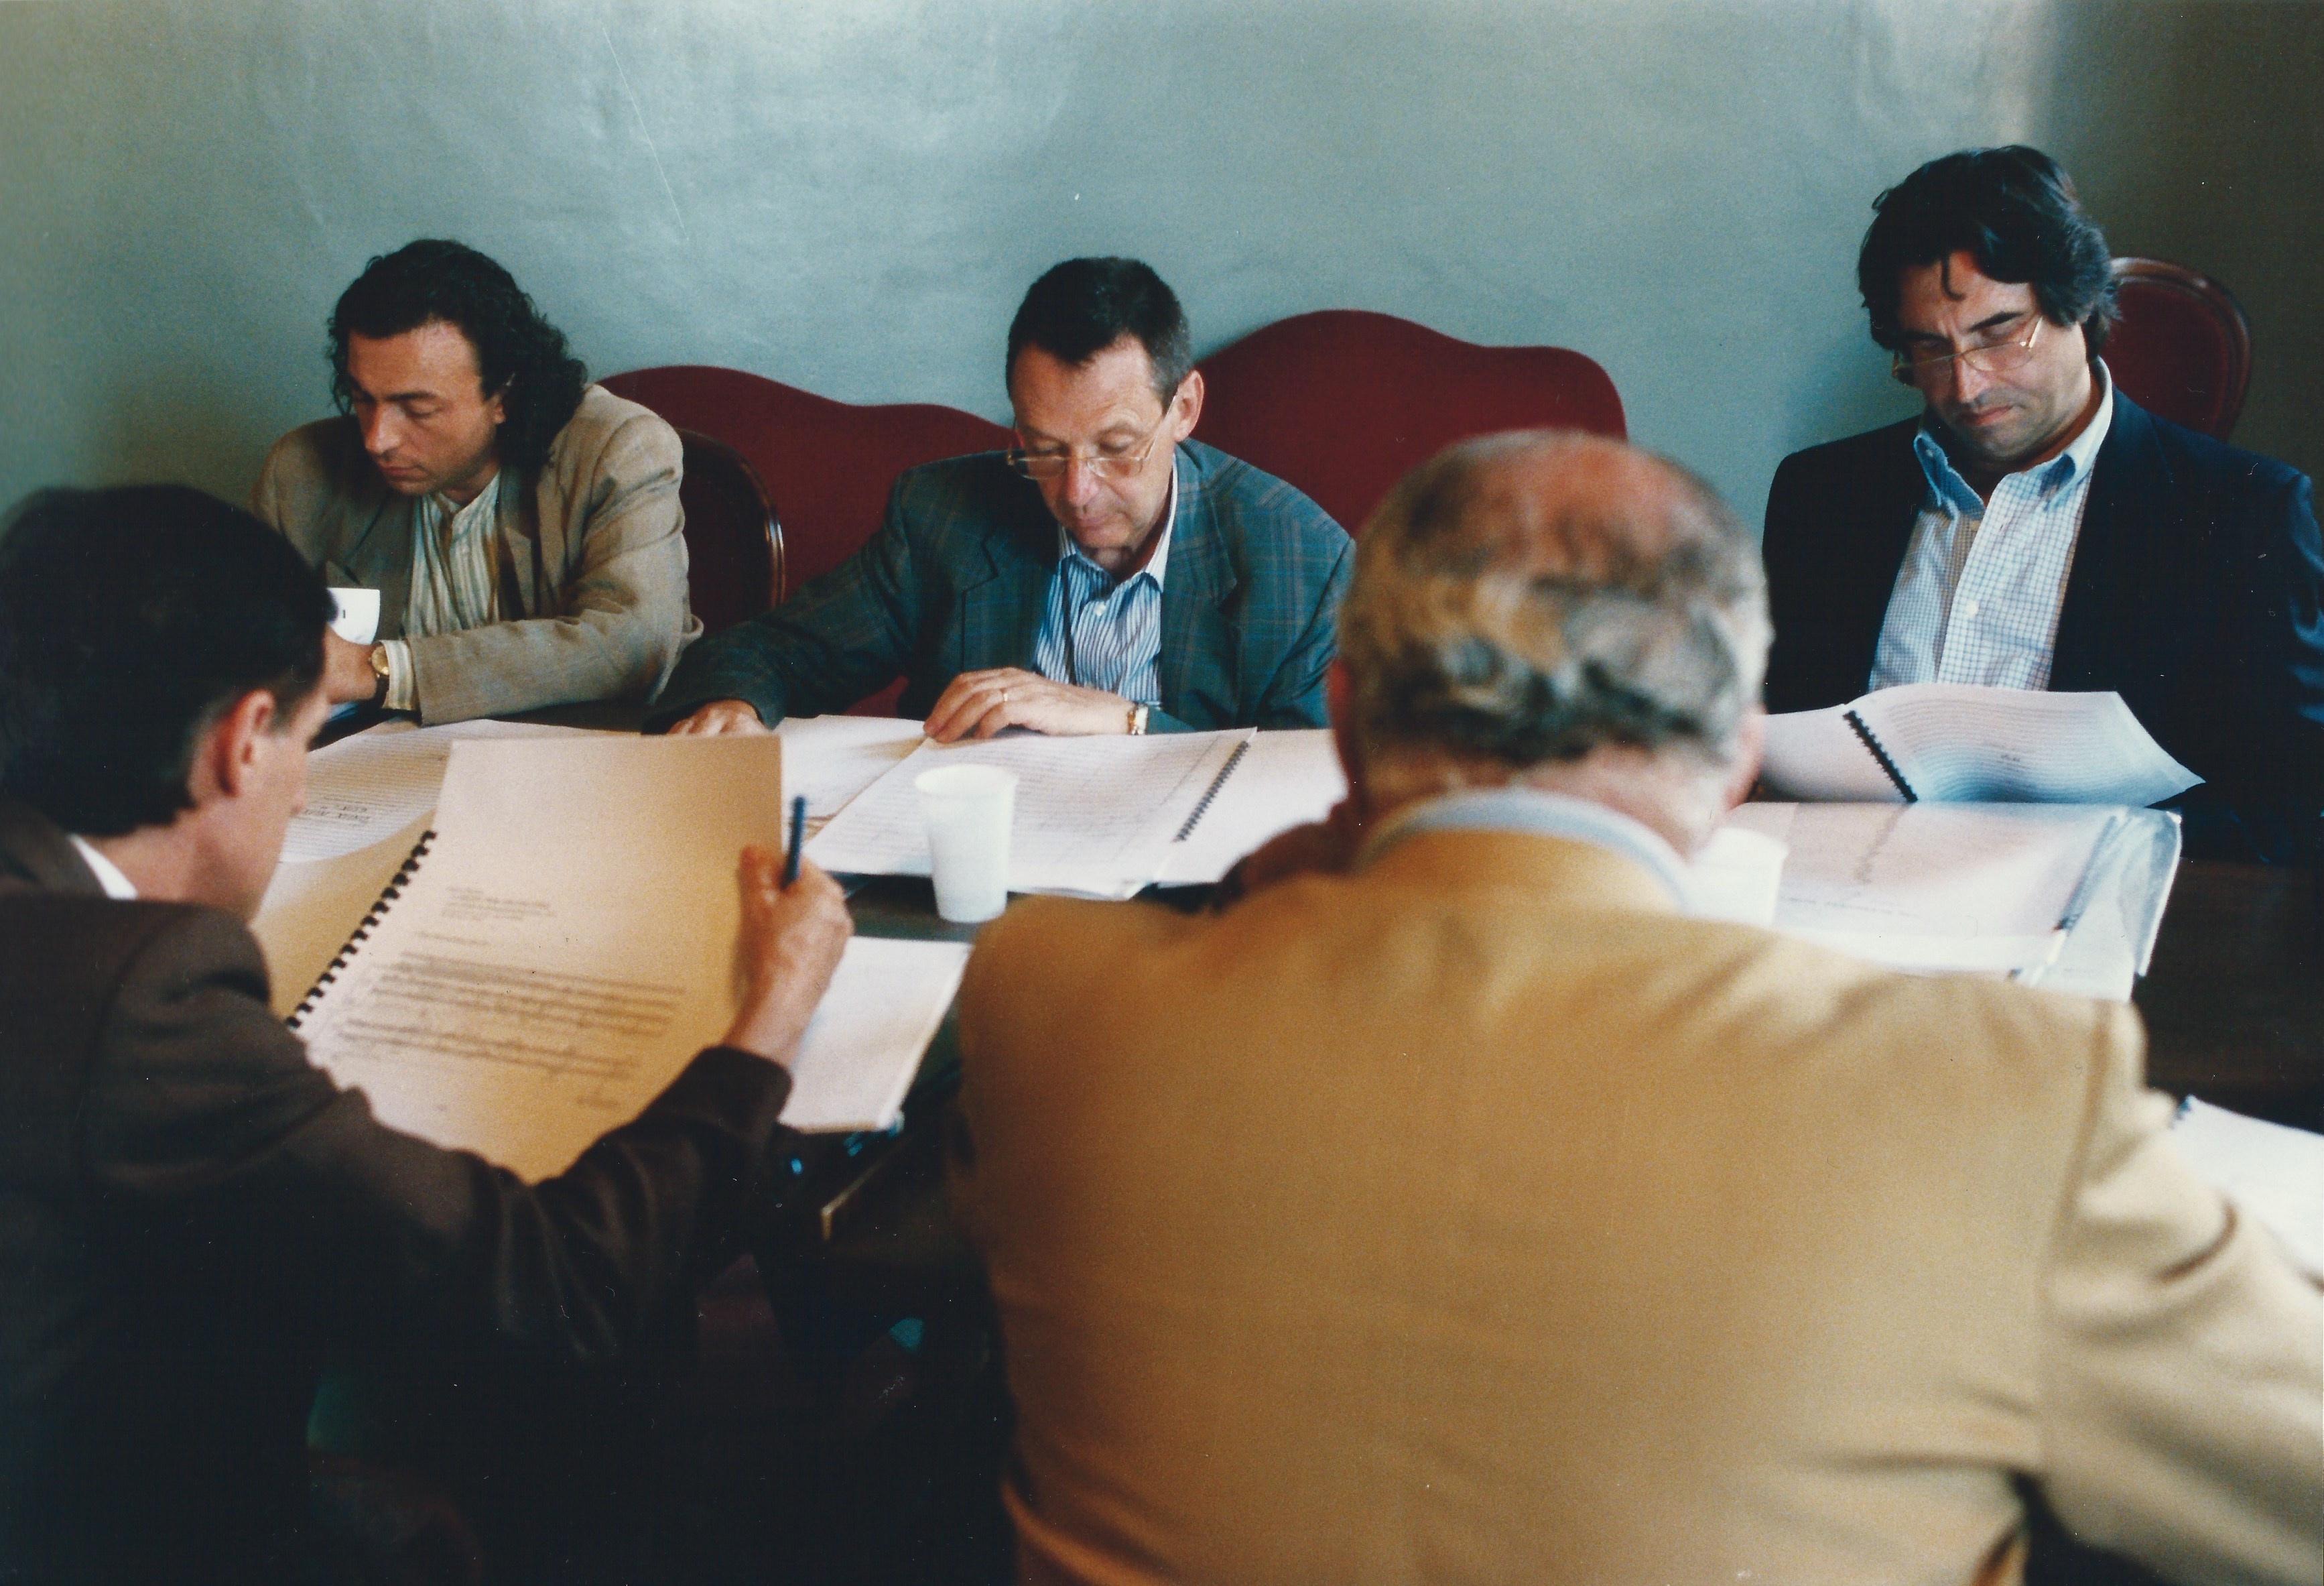 """ALBERTO CAPRIOLI, GIOACCHINO LANZA TOMASI, RICCARDO MUTI, HUBERT STUPPNER, SALVATORE ACCARDO, GIURIA DEL CONCORSO INTERNAZIONALE DI COMPOSIZIONE """"2 AGOSTO"""", I EDIZIONE, BOLOGNA 1995, FOTO PRIMO GNANI"""